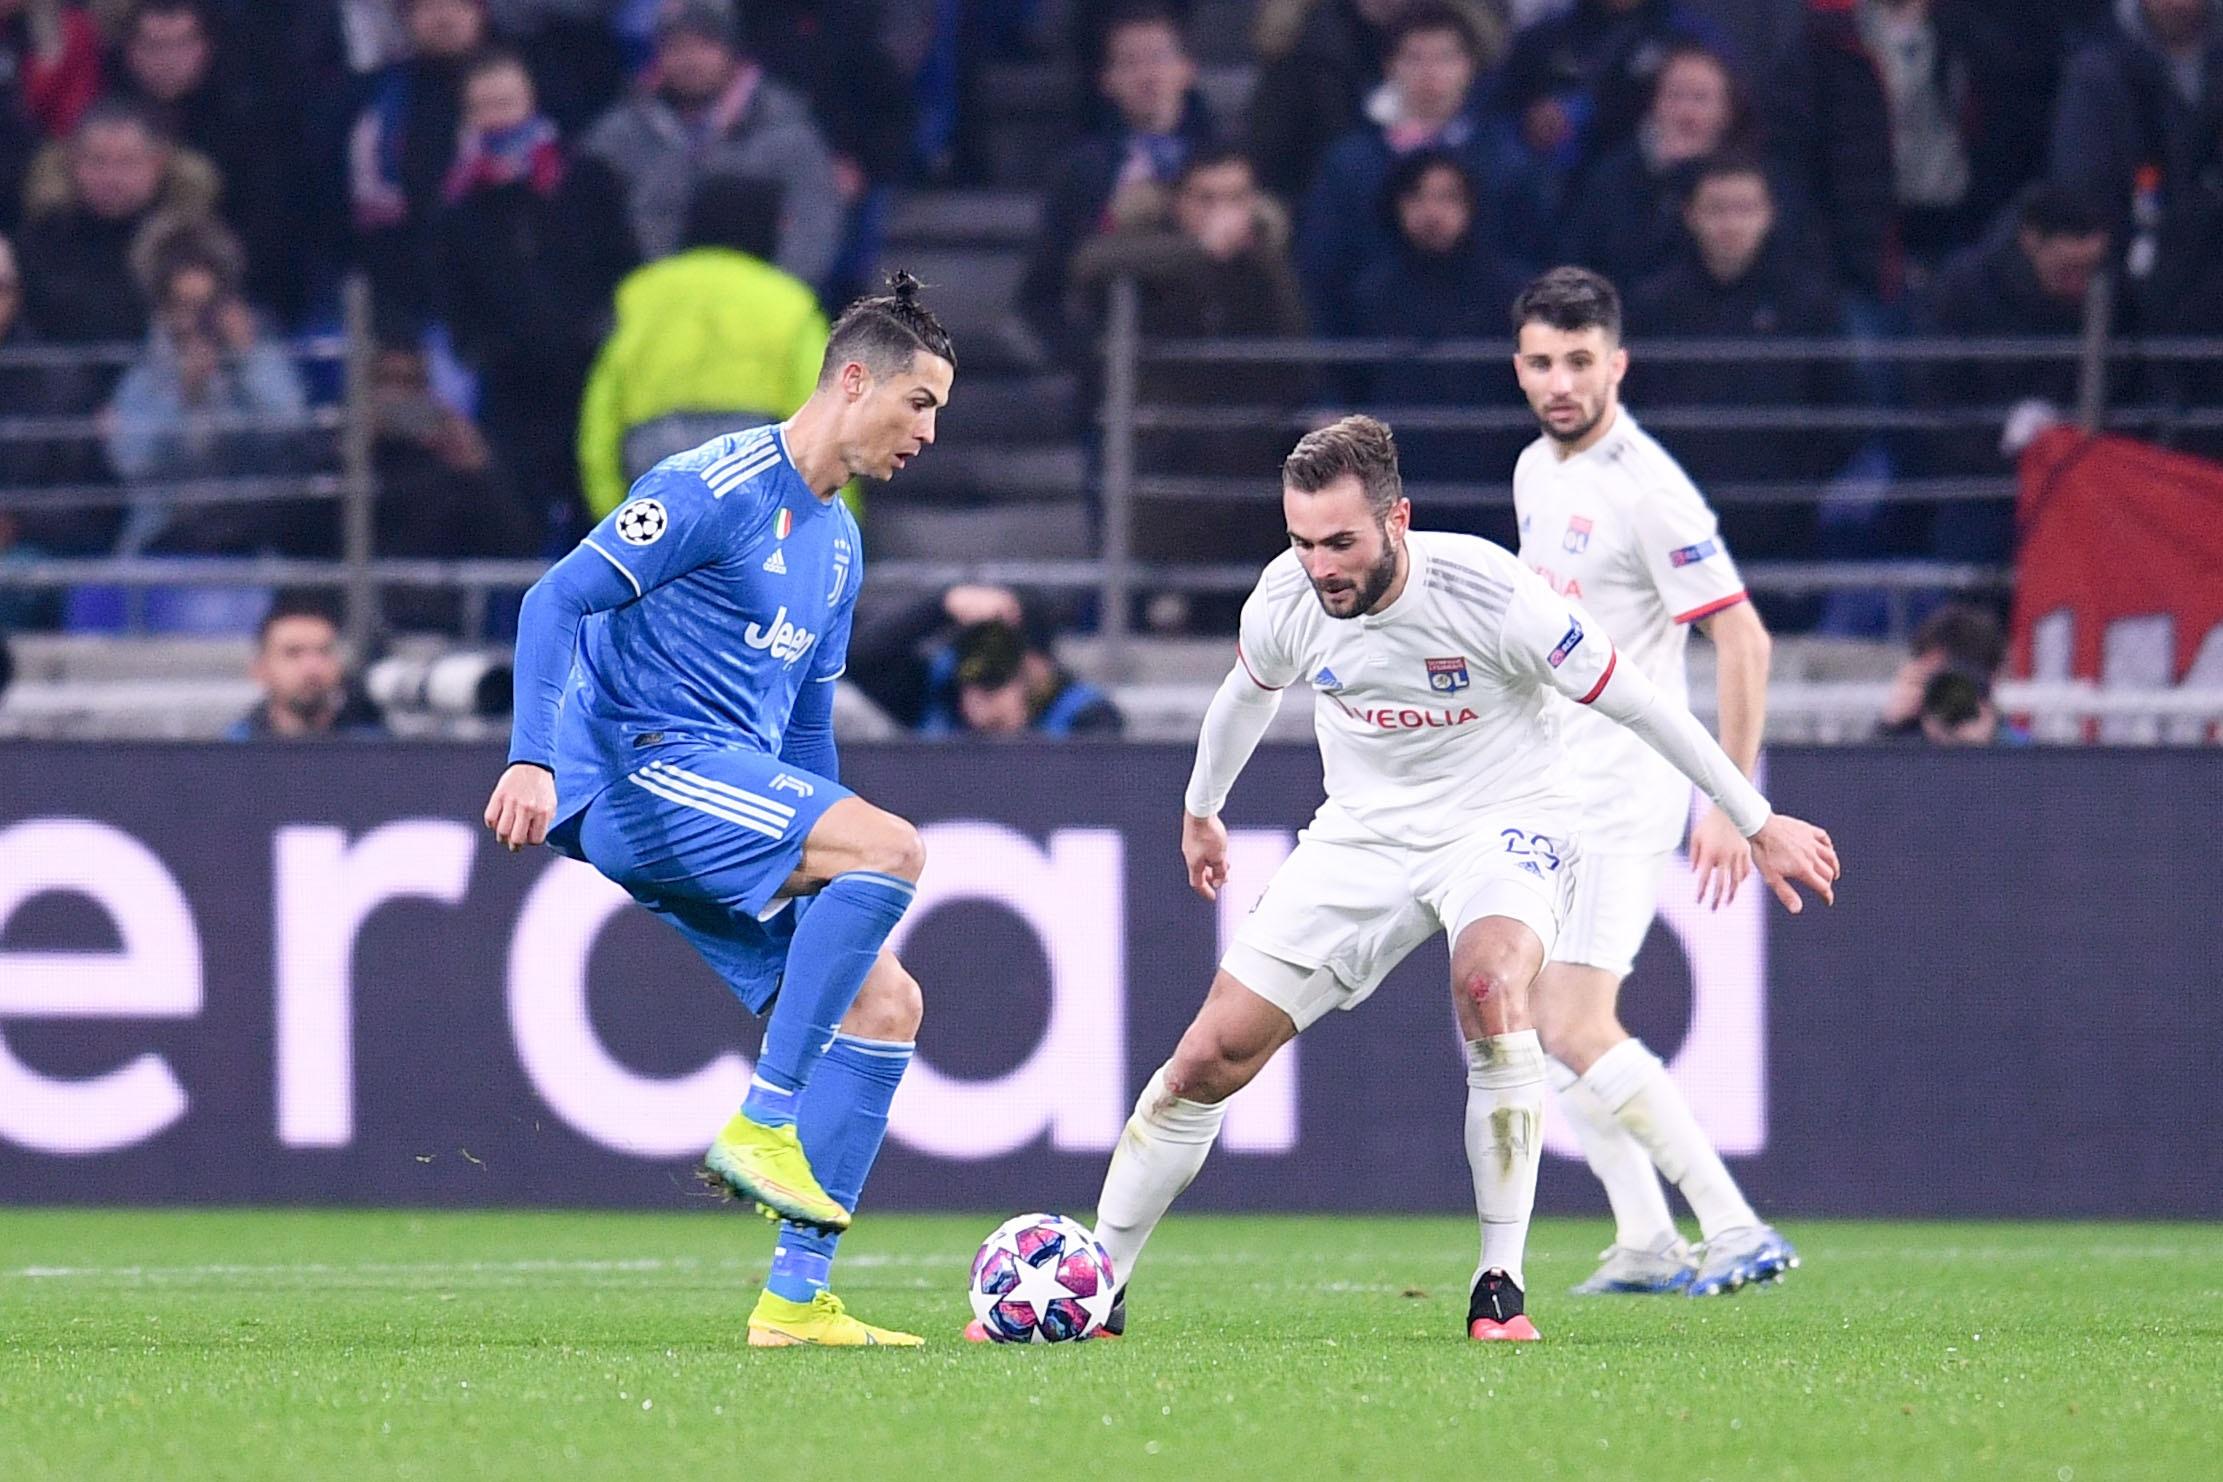 Football - Ligue des champions - Ligue des champions : Juve-Lyon le 8 août, le PSG en piste le 10, 11 ou 12 ?